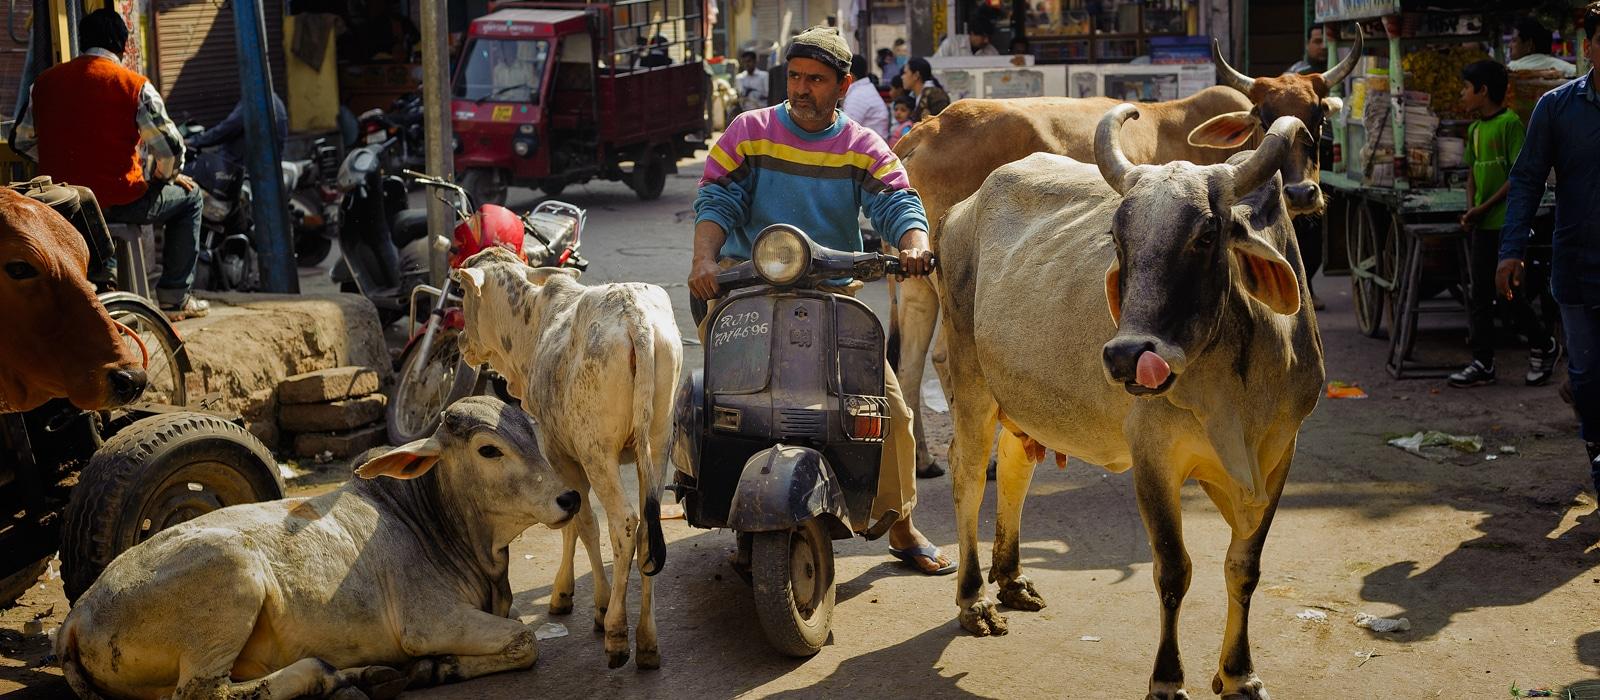 img-diapo-entete - Rajasthan-1600x700-8.jpg